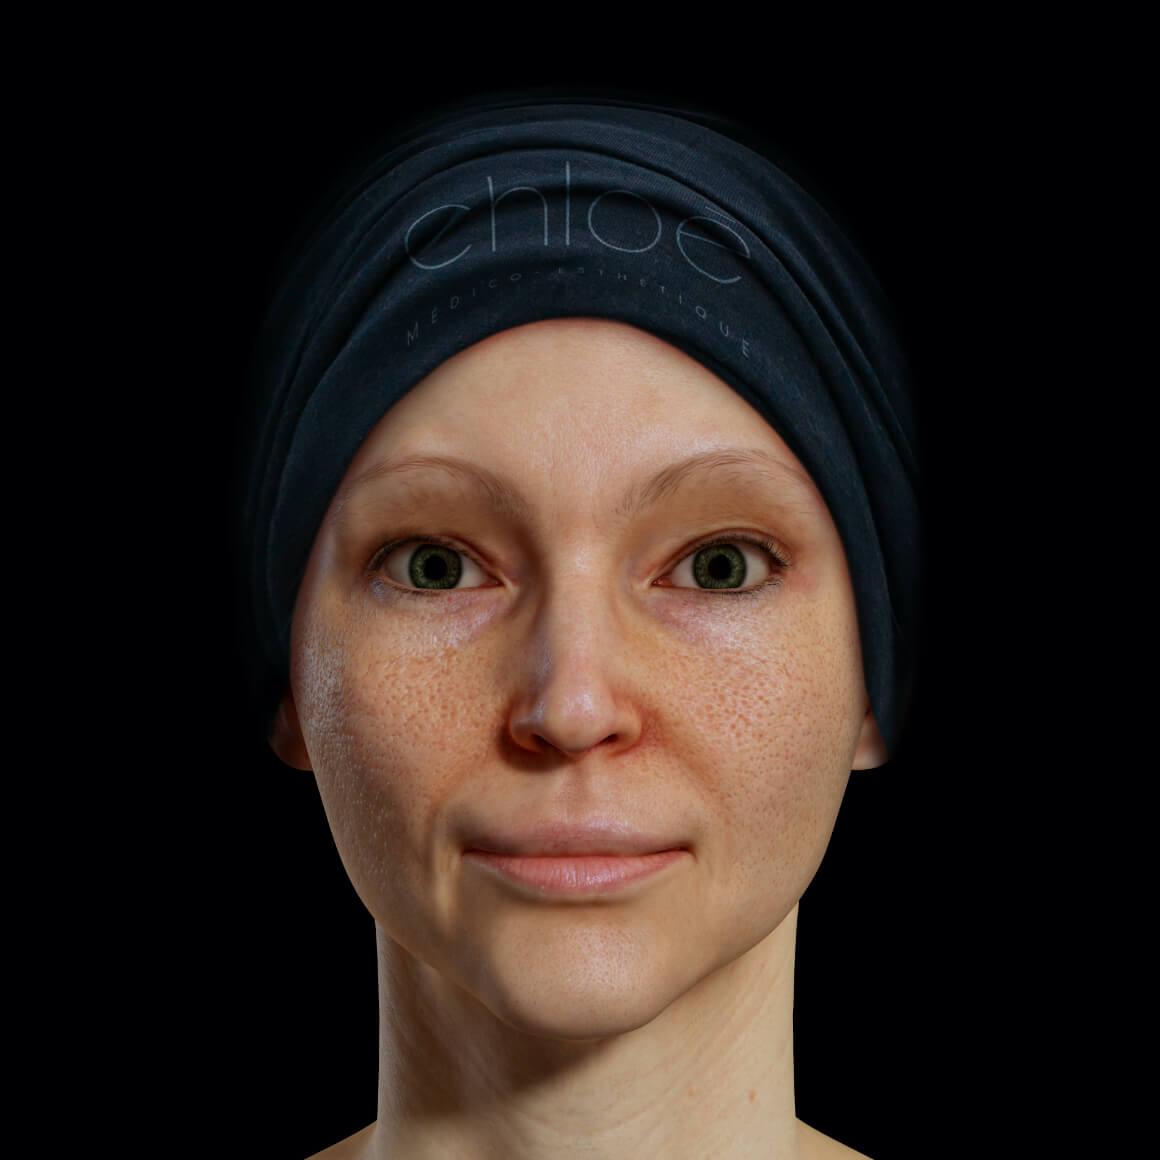 Patiente de la Clinique Chloé positionnée de face ayant une peau du visage montrant des pores dilatés